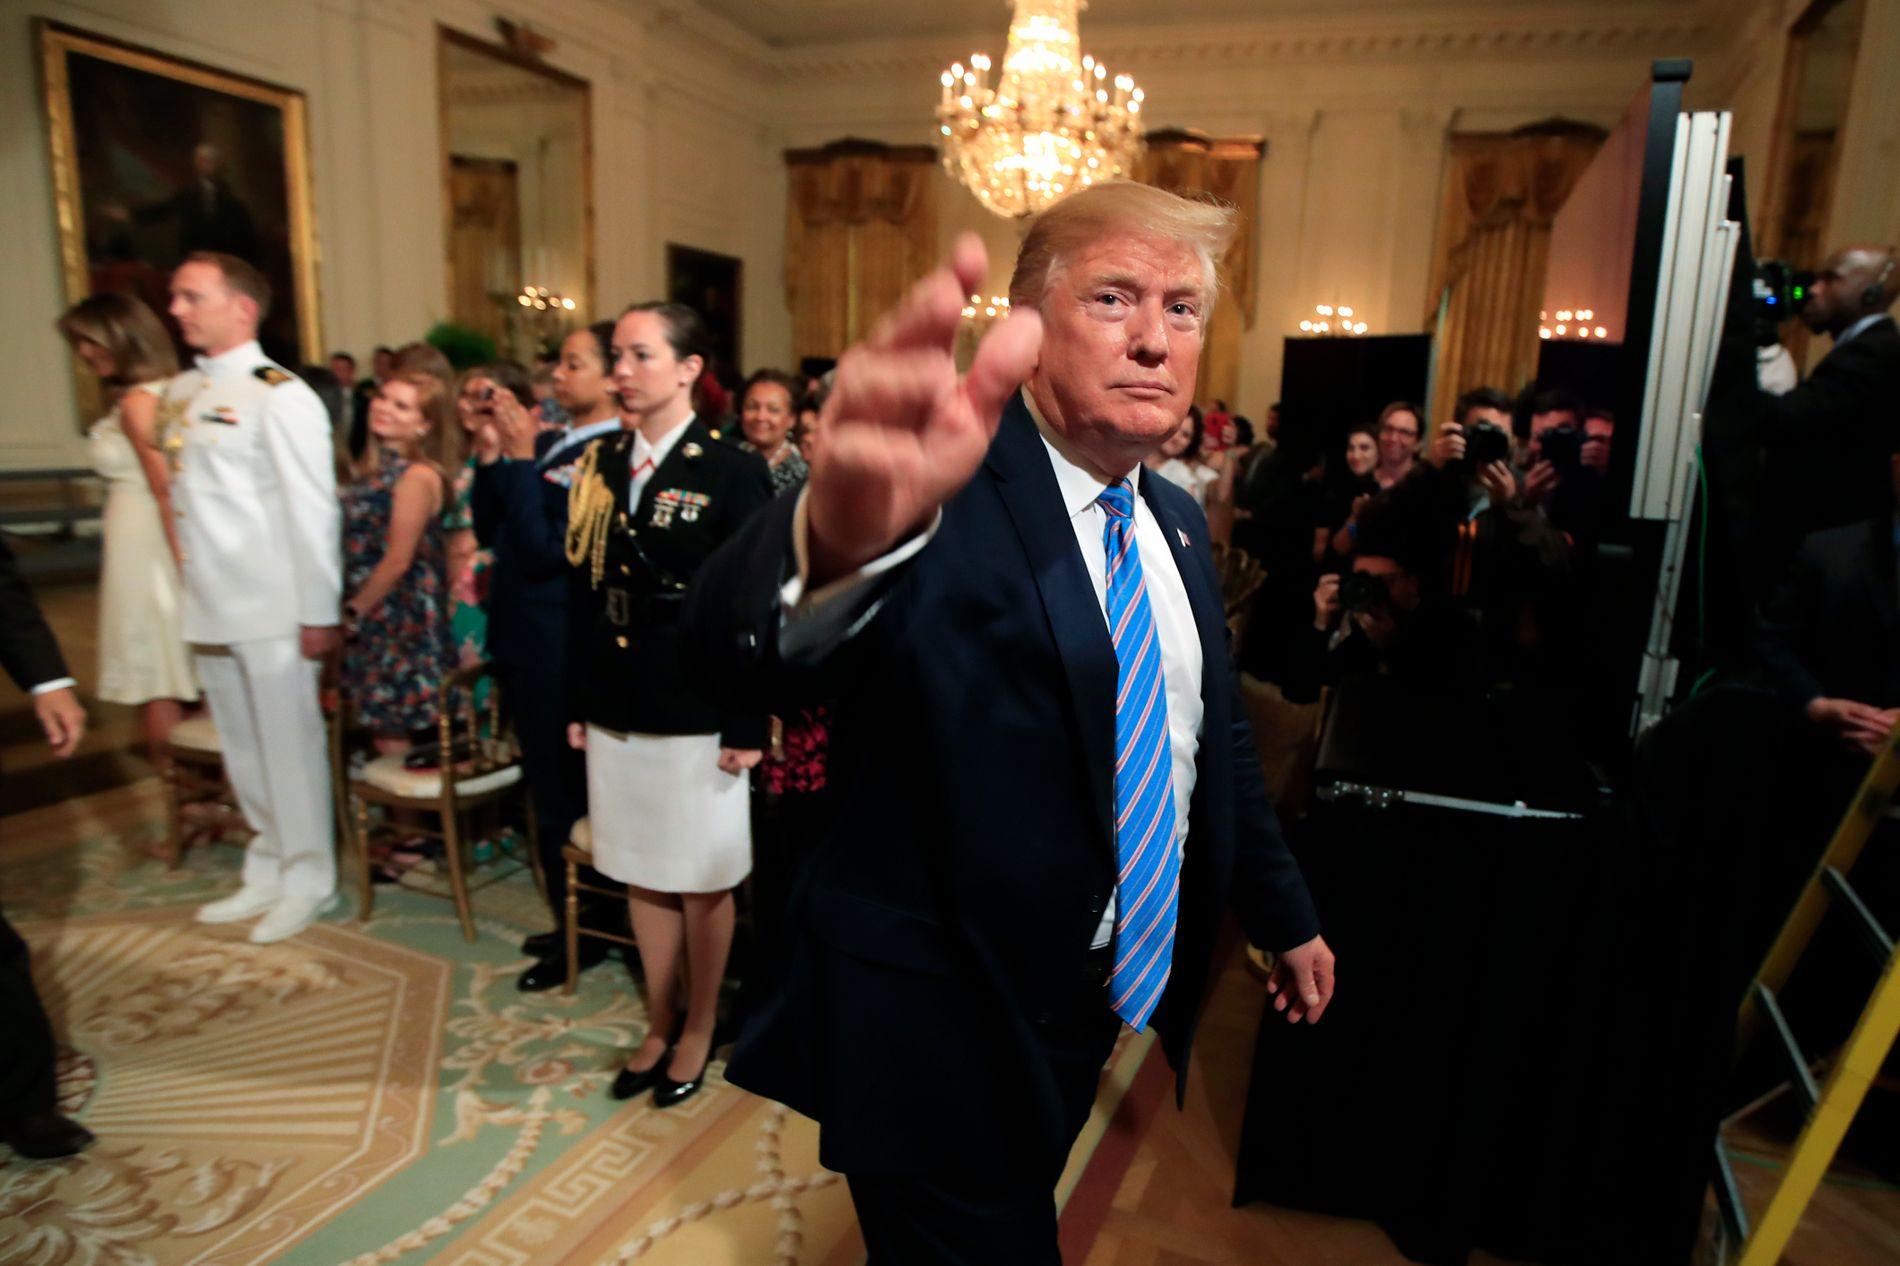 FEIRET MILITÆR-MØDRENE: Donald Trump holdt torsdag en markering for å hylle mødrene til landets militære i Det hvite hus.